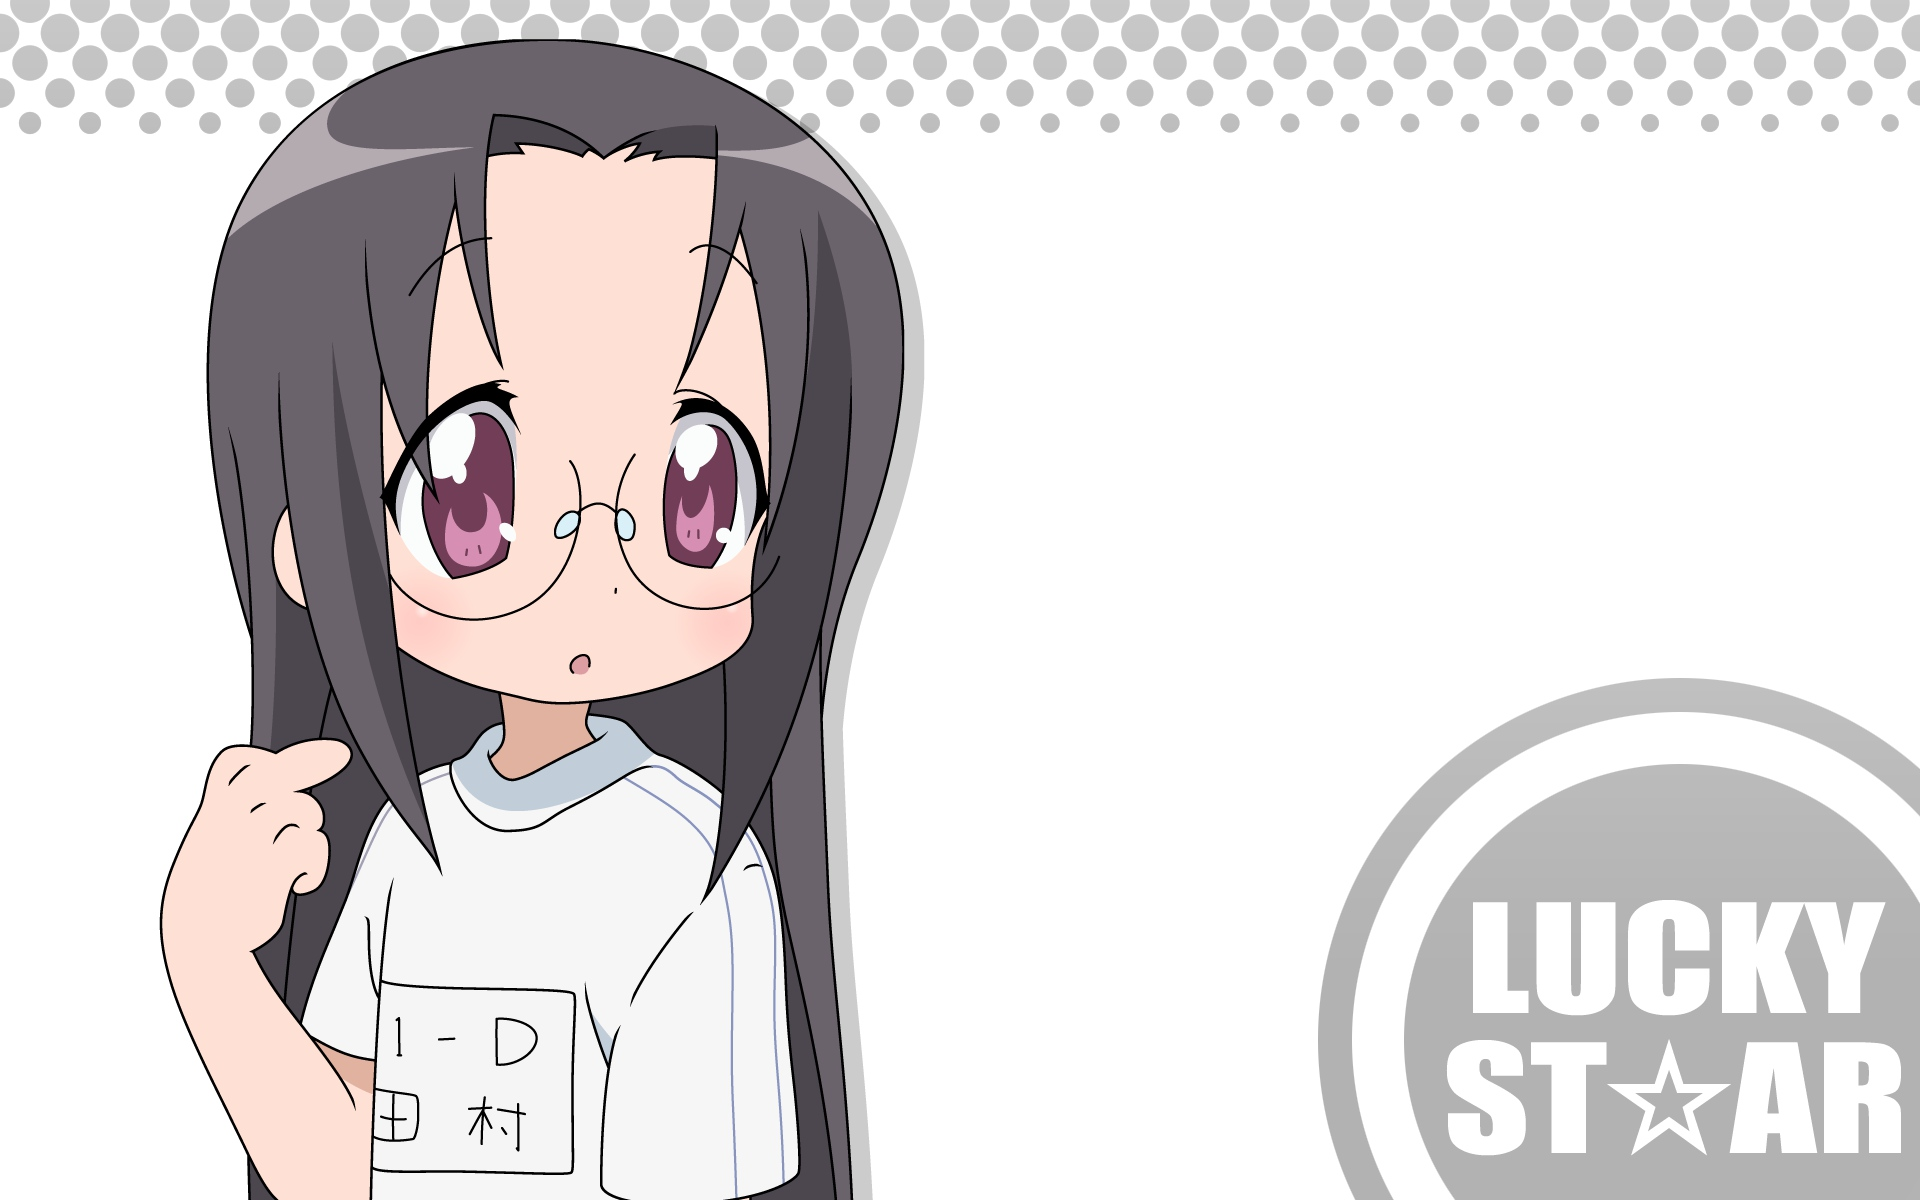 lucky_star tamura_hiyori white